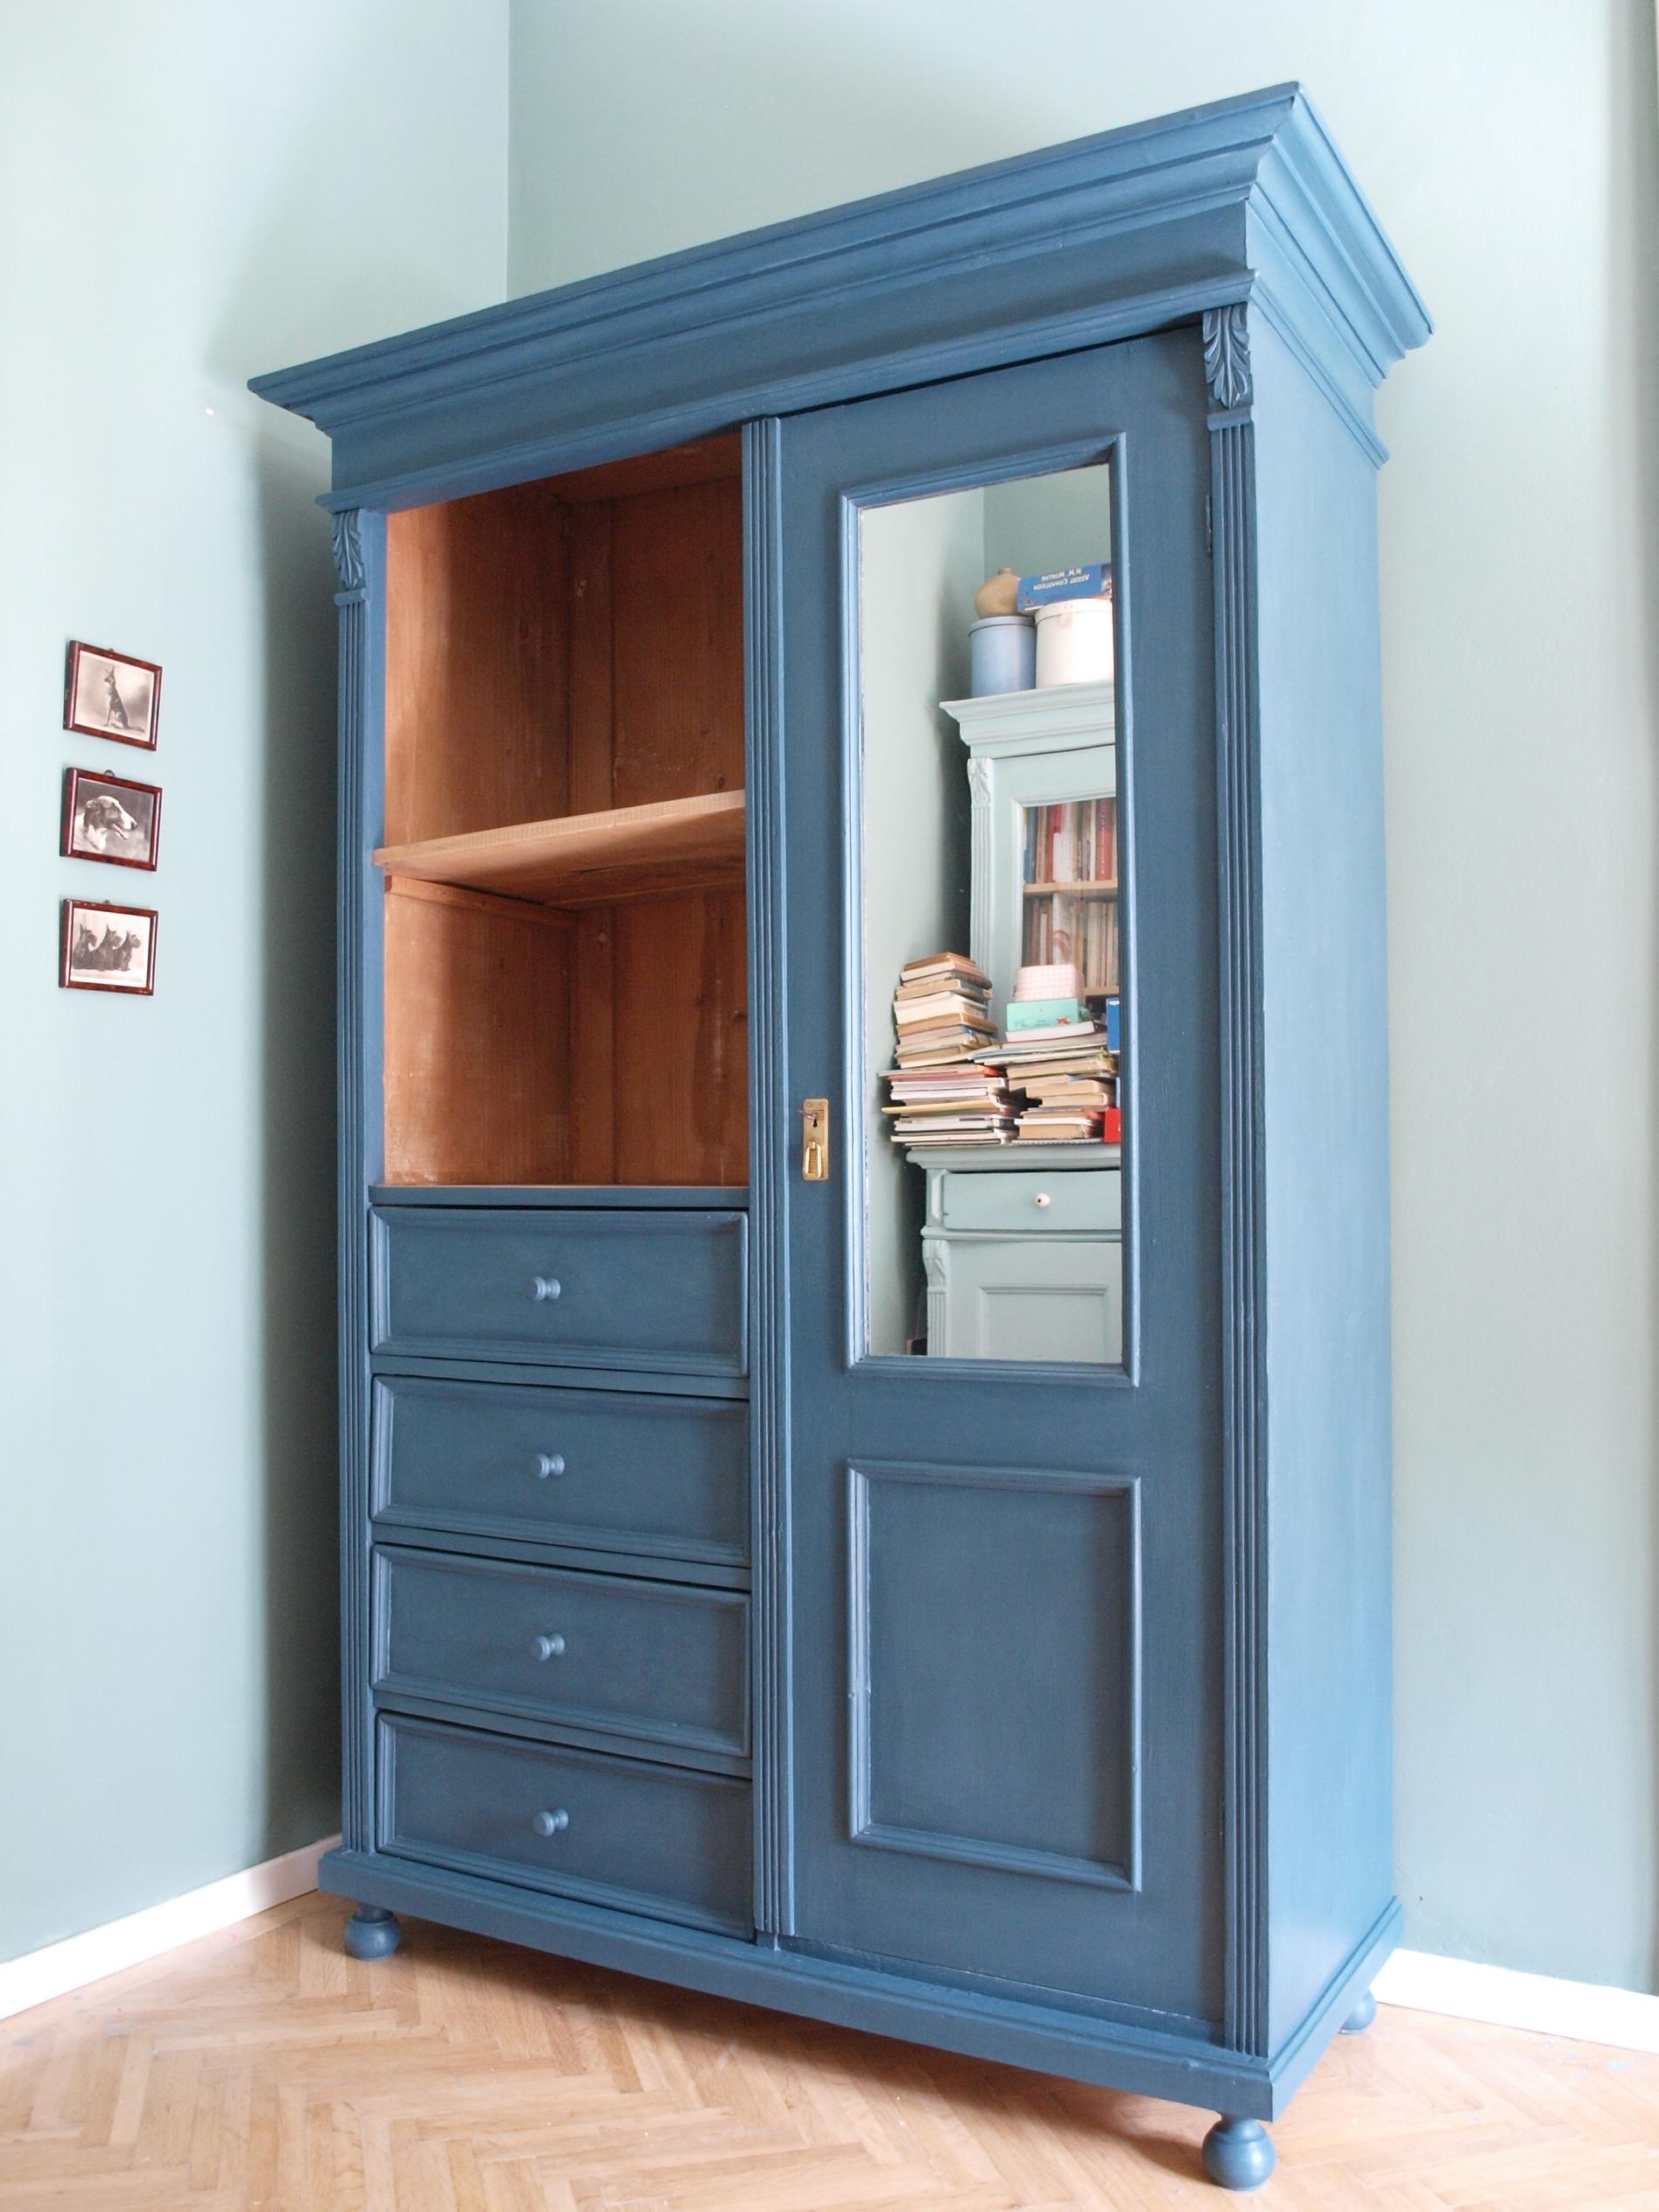 A szín az Aubusson Blue ddf17e041a